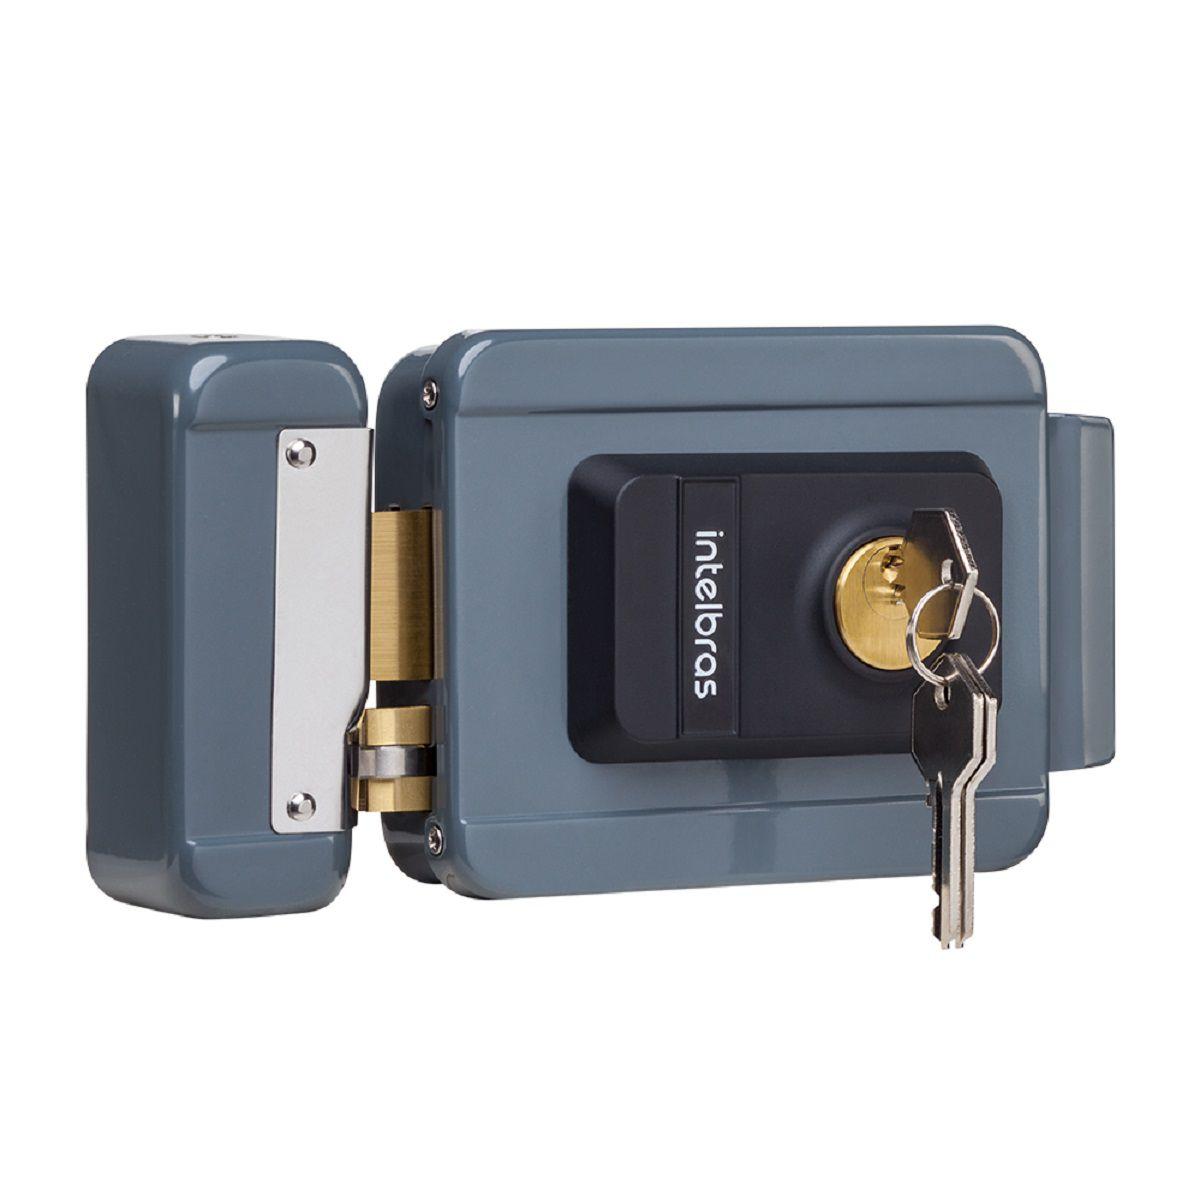 Fechadura Elétrica Intelbras Cilindro Fixo 12V Para Portão FX 2000 Cinza